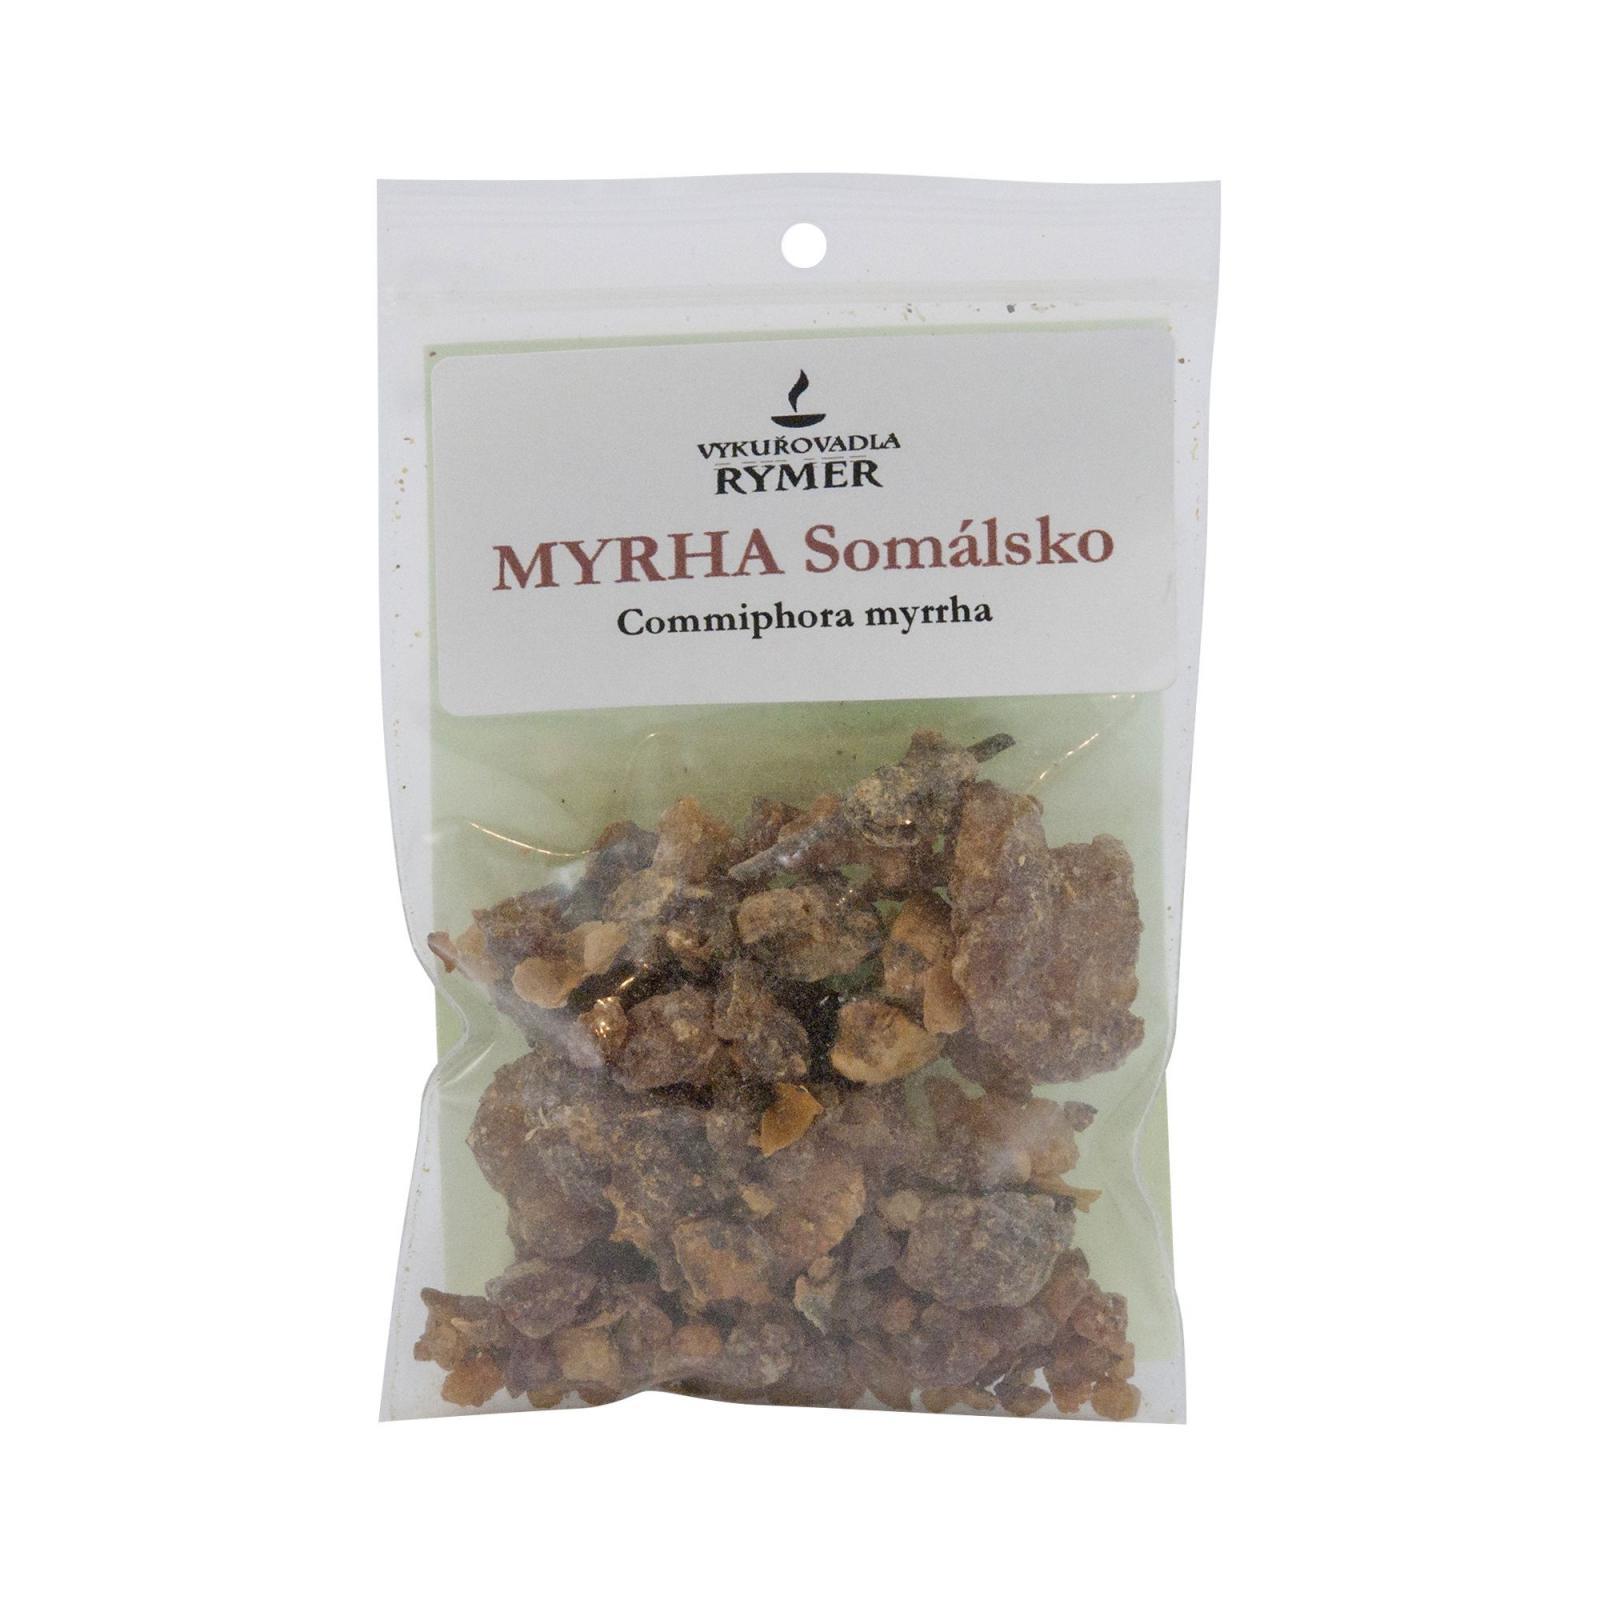 Vykuřovadla Rymer Myrha, Somálsko 25 g